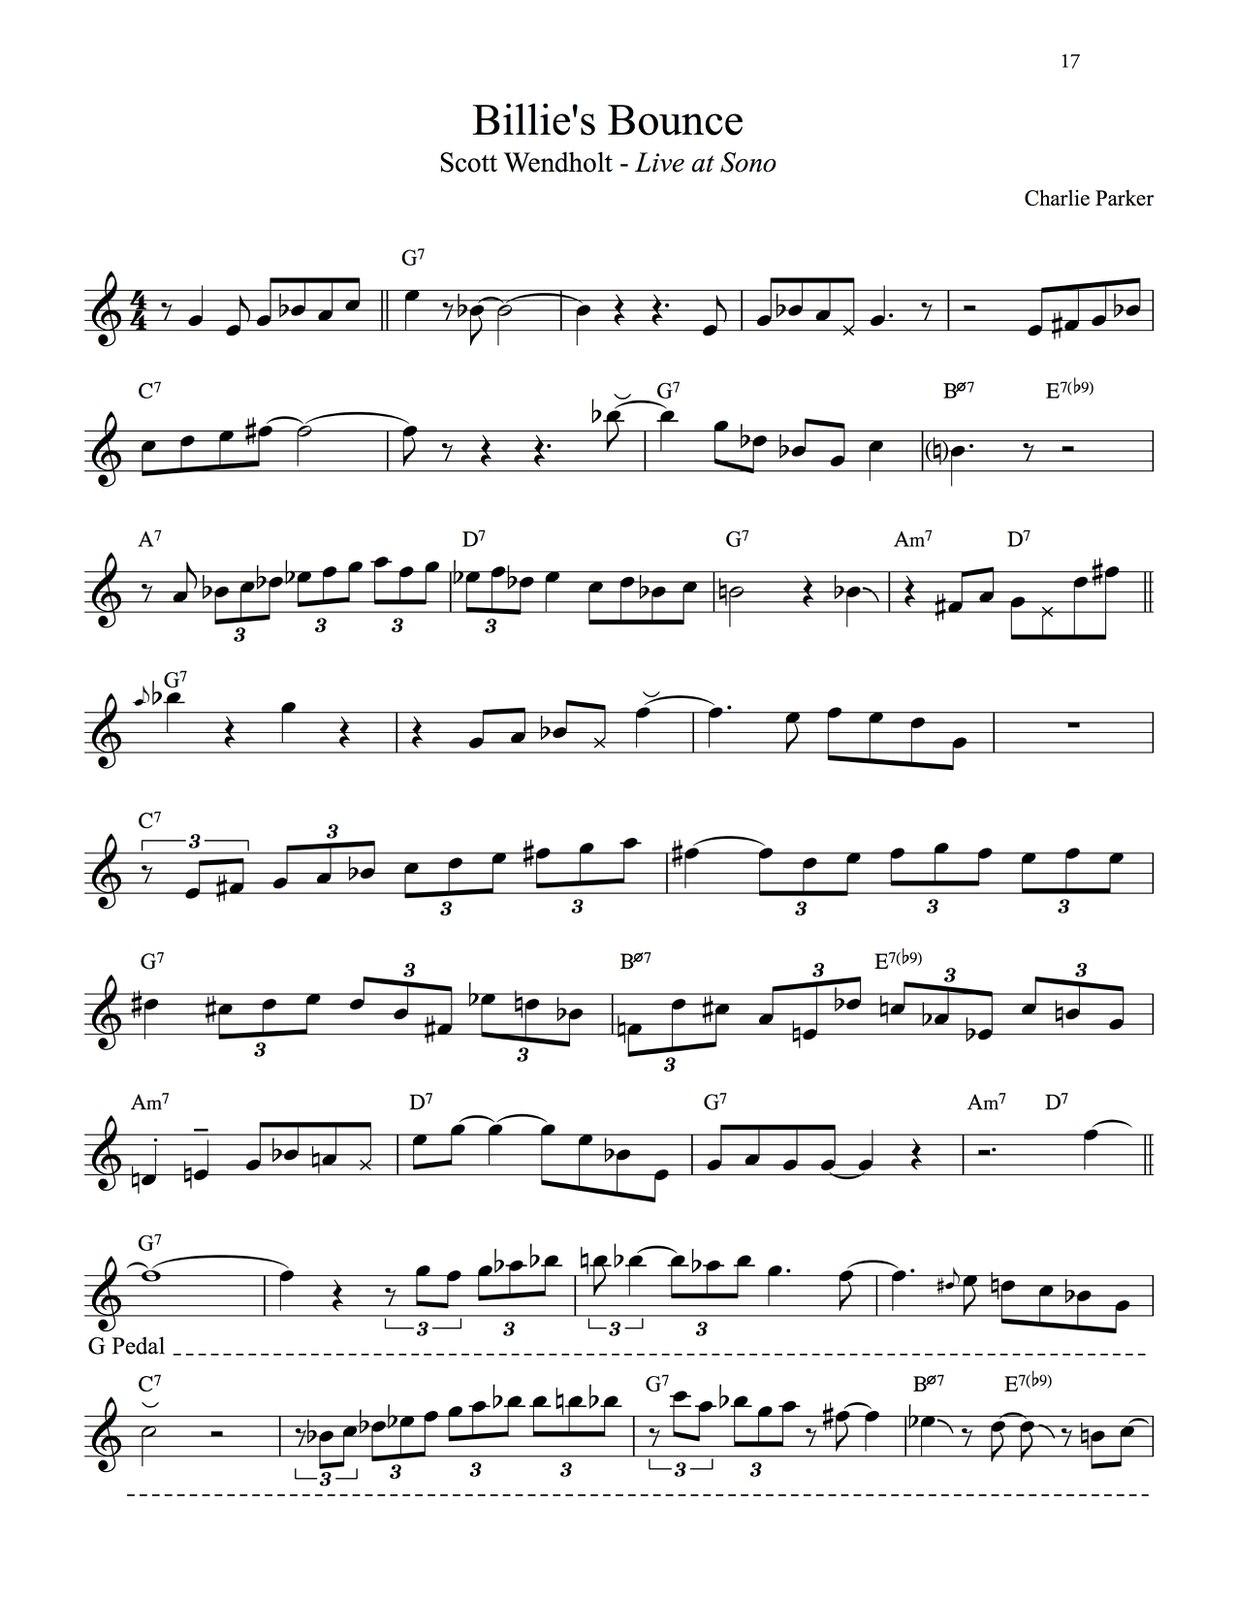 Siereveld, Modern Approach to Improvisation Volume 3 Wendholt-p027